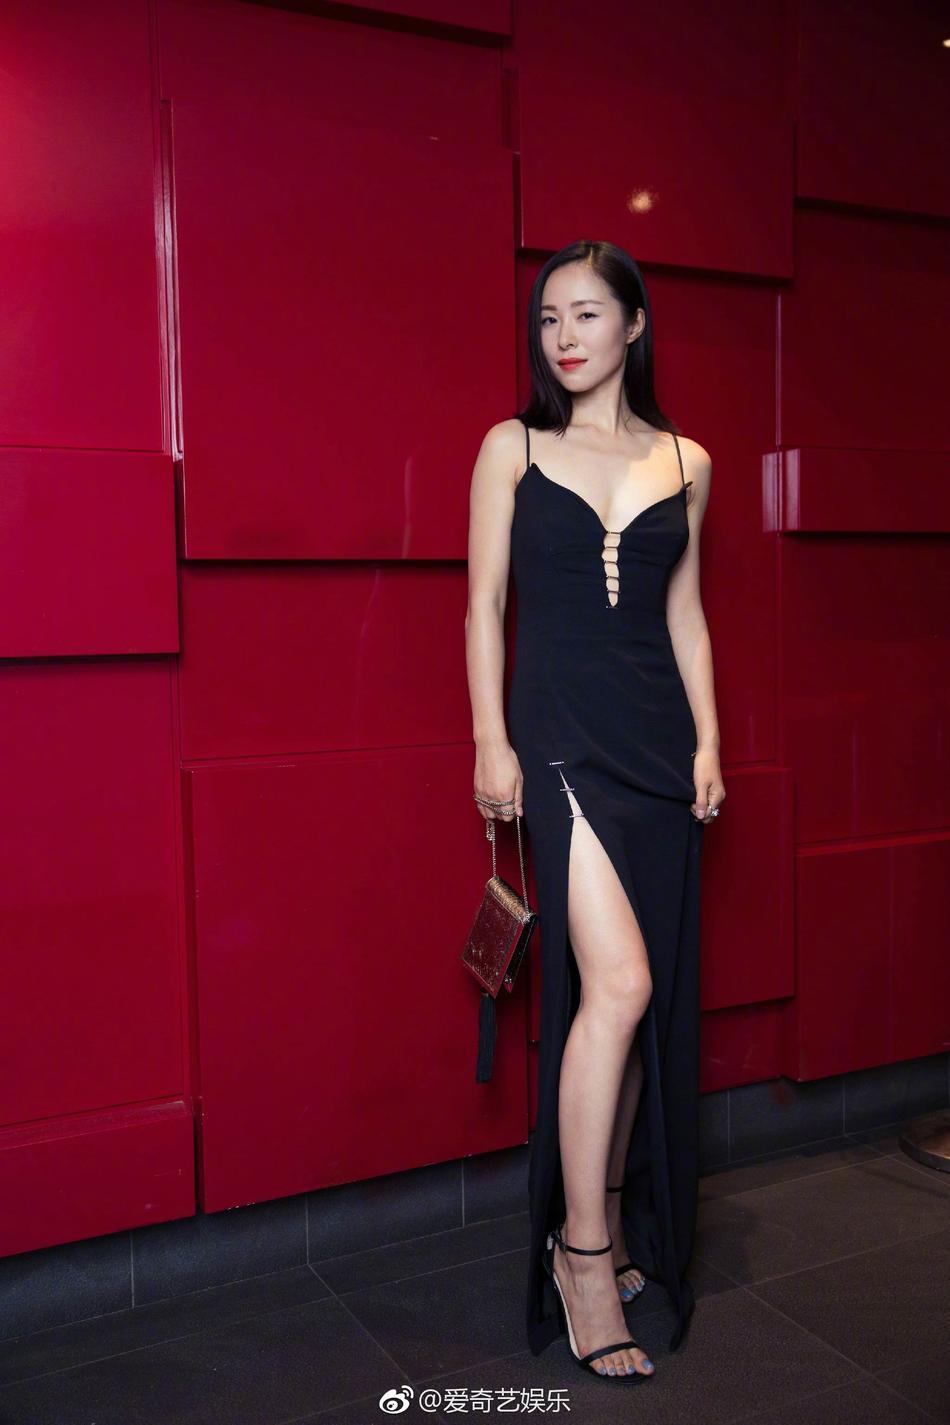 裙黑�_江一燕出席多伦多国际电影节 一袭黑裙性感魅惑冷艳